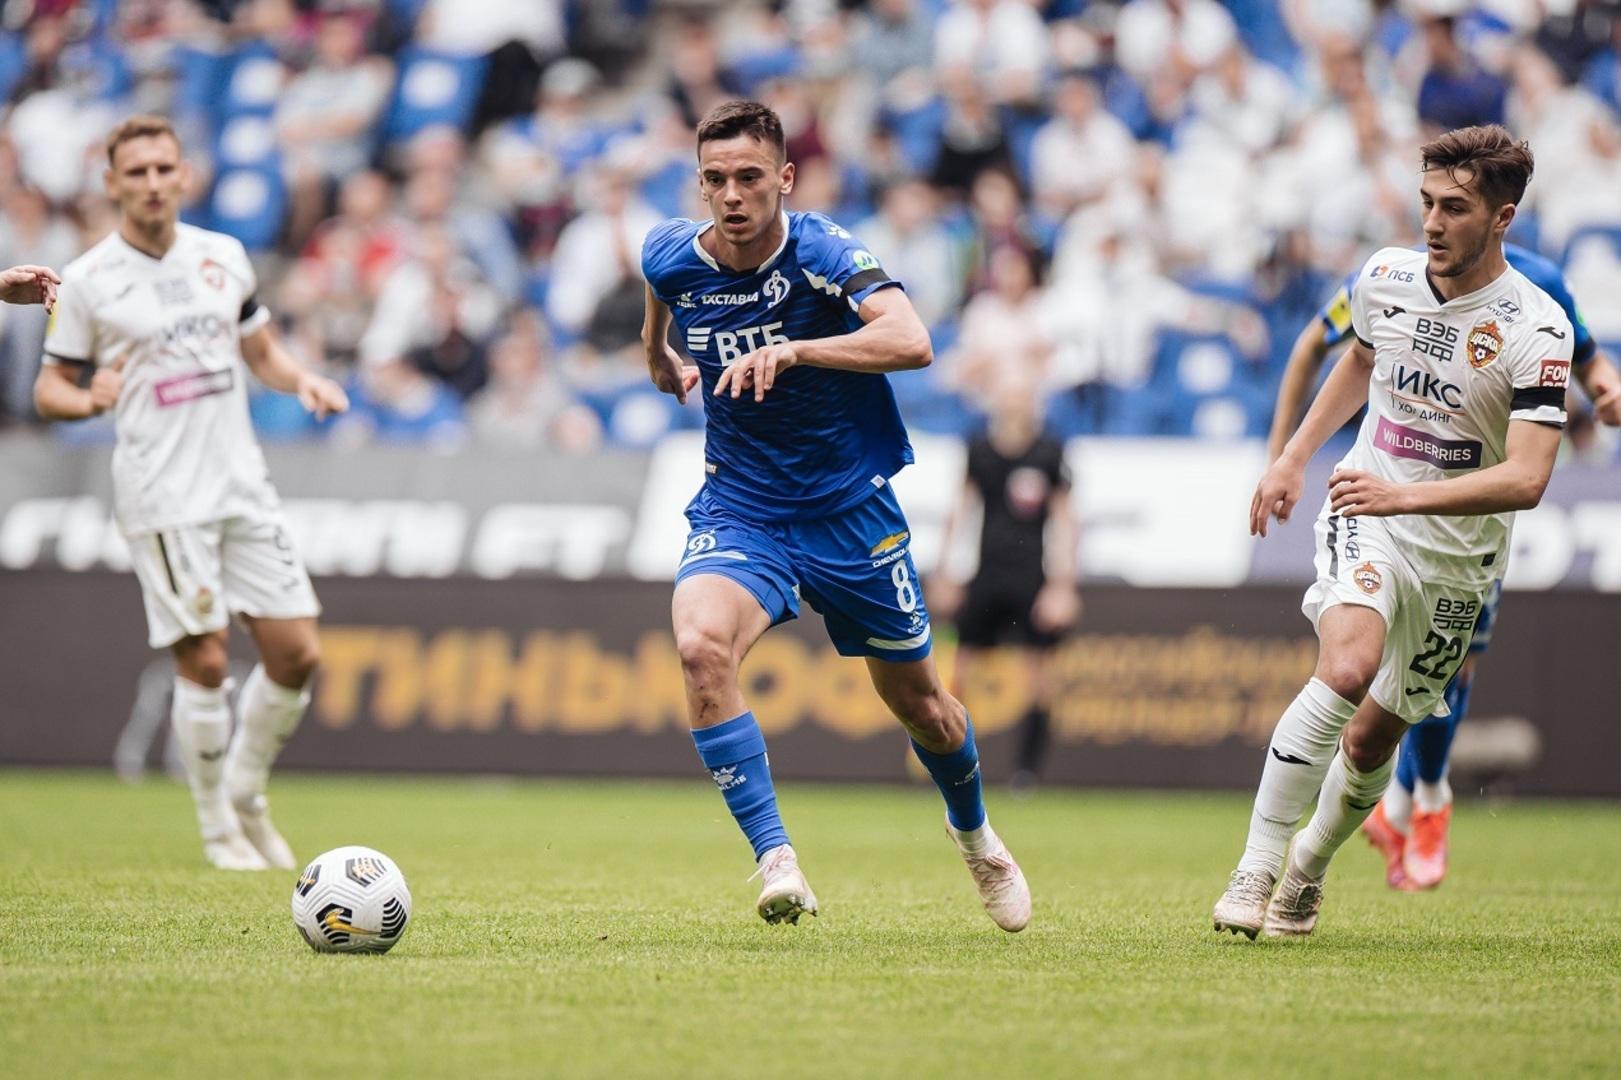 Никола Моро вызван в молодёжную сборную Хорватии на матчи плей-офф Евро